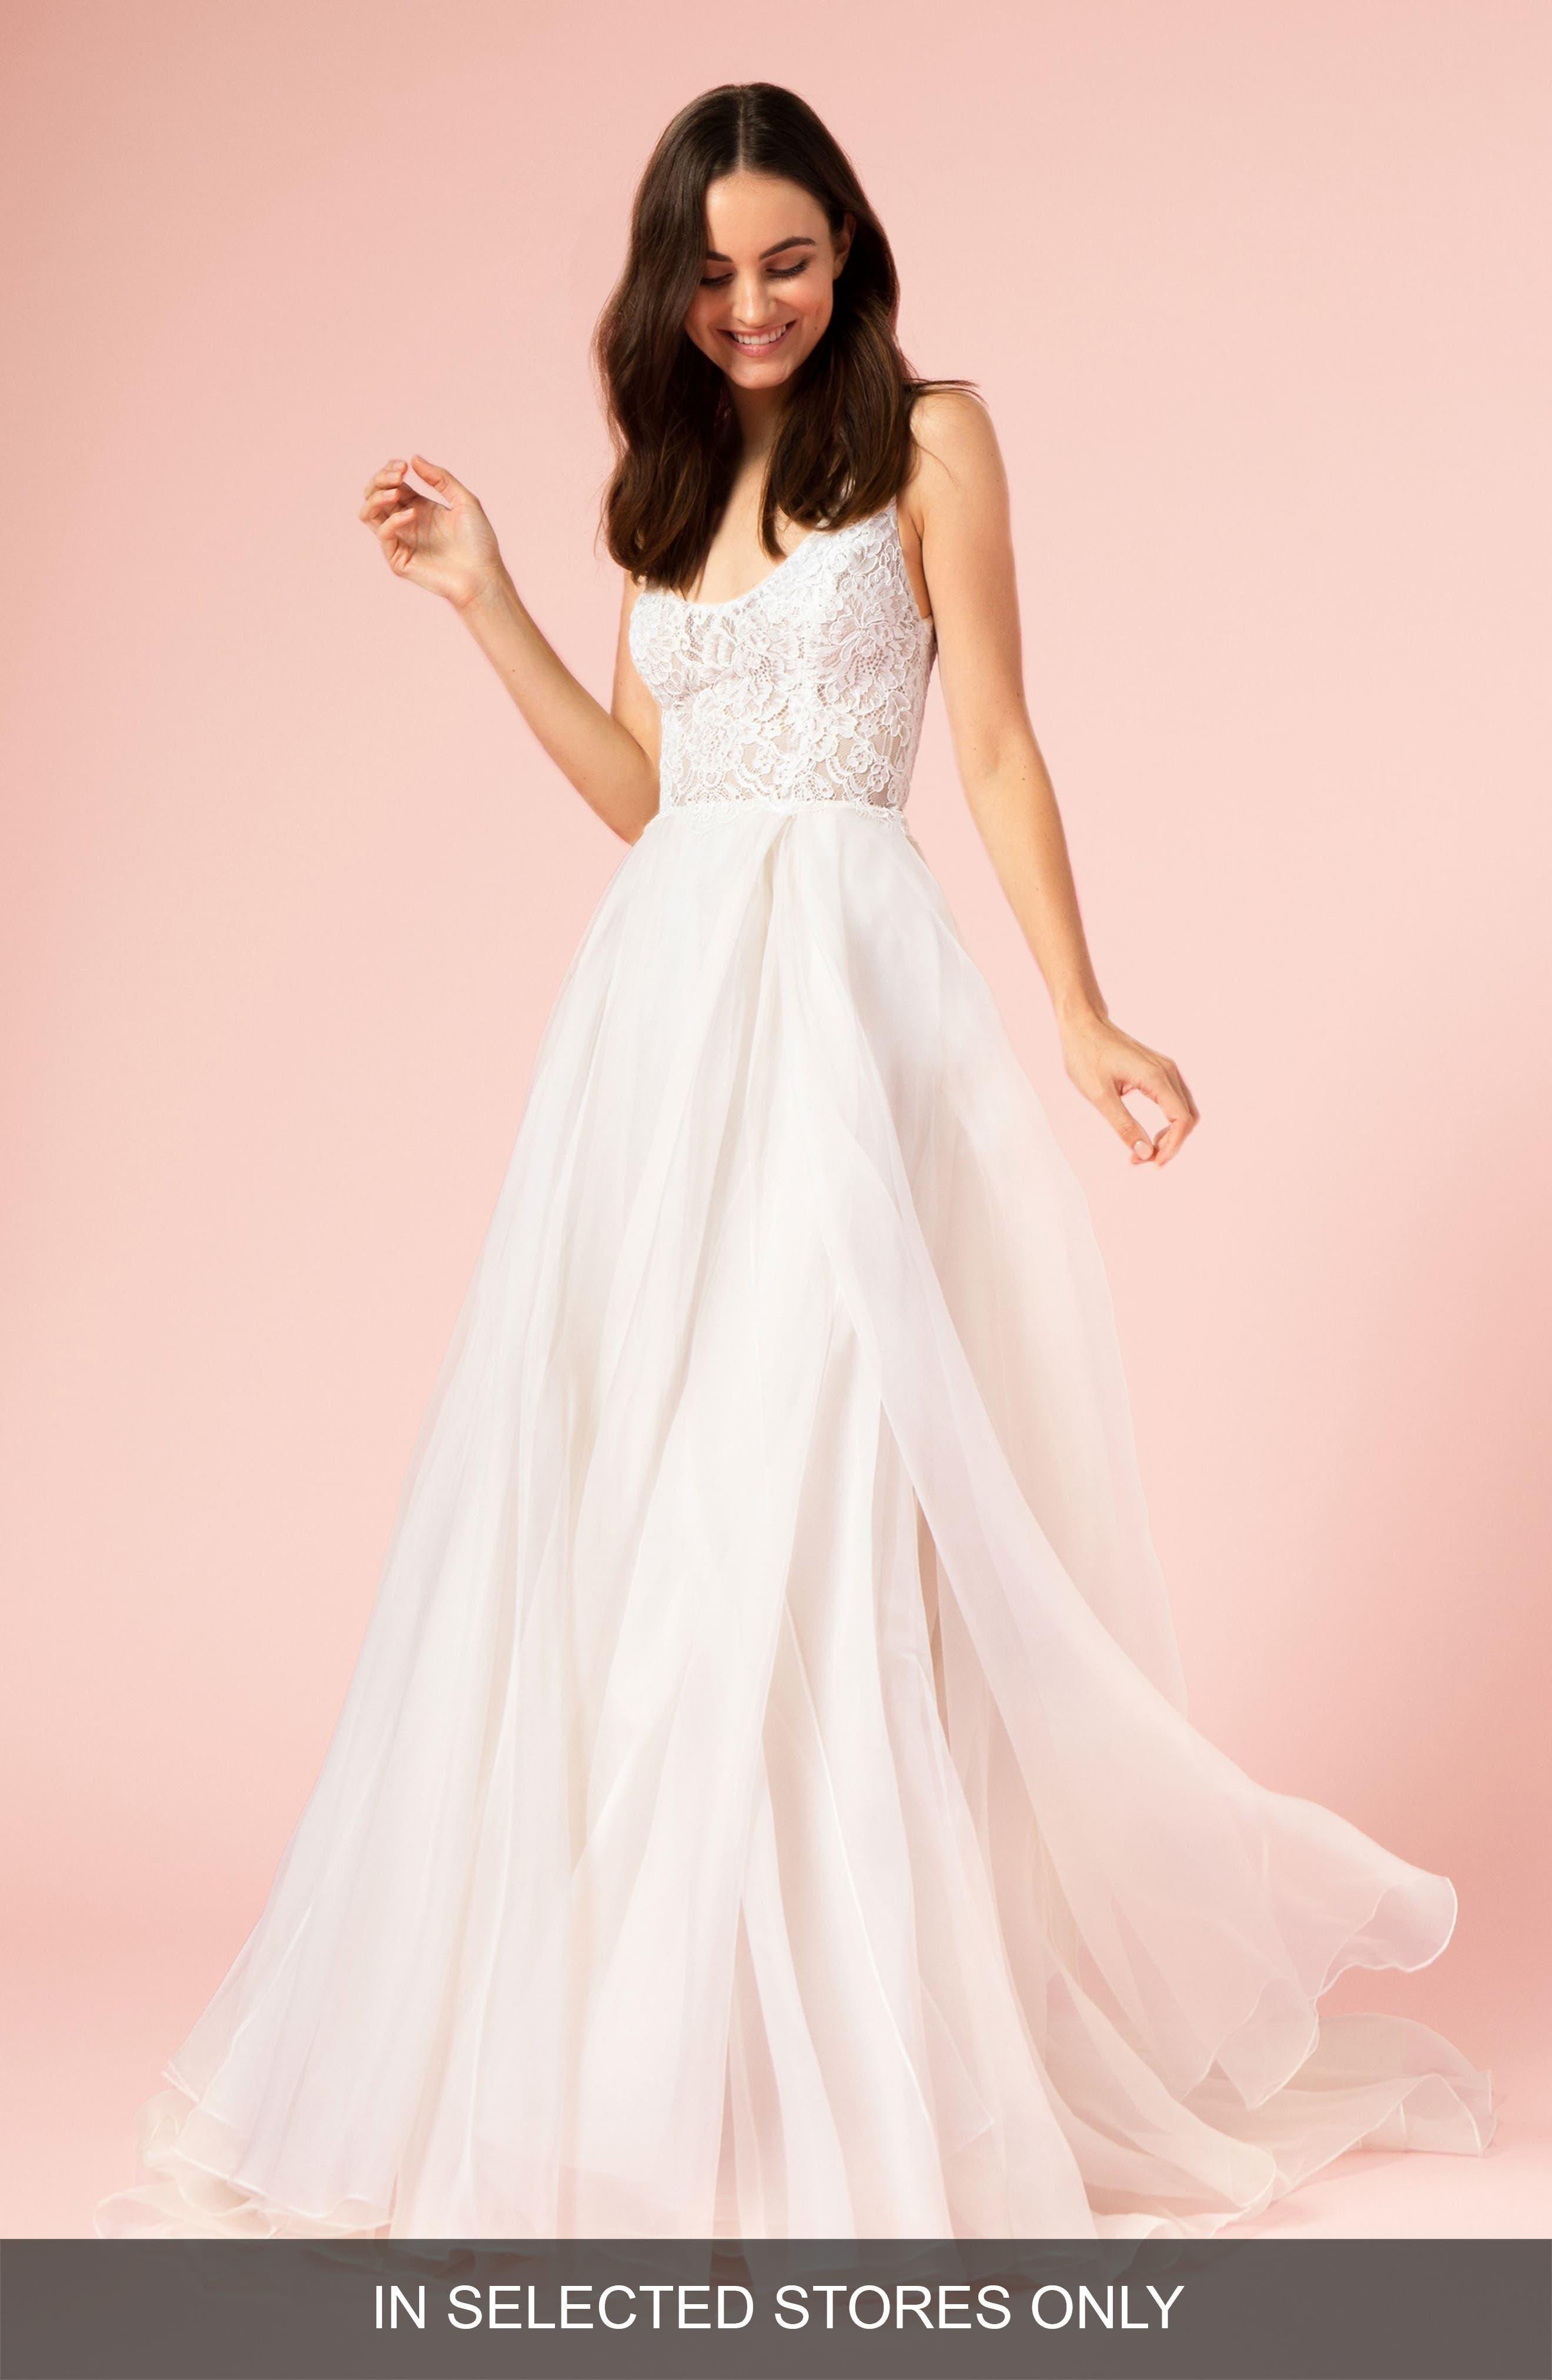 BLISS Monique Lhuillier Lace Bodice Gown